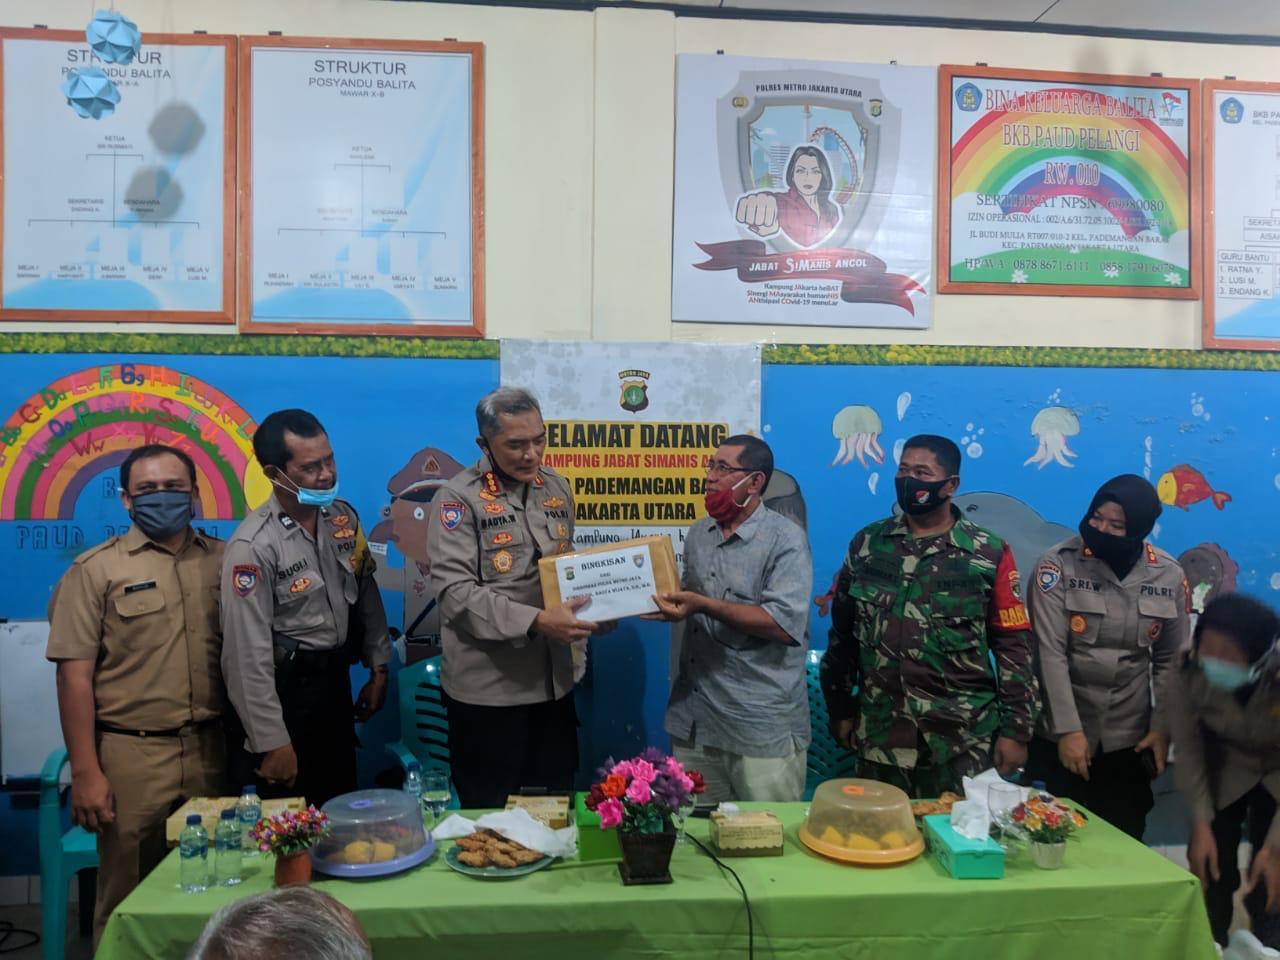 Dirbinmas Bersama Kasubdit Bin Polmas PMJ Pantau Wilayah Pademangan Jakarta Utara